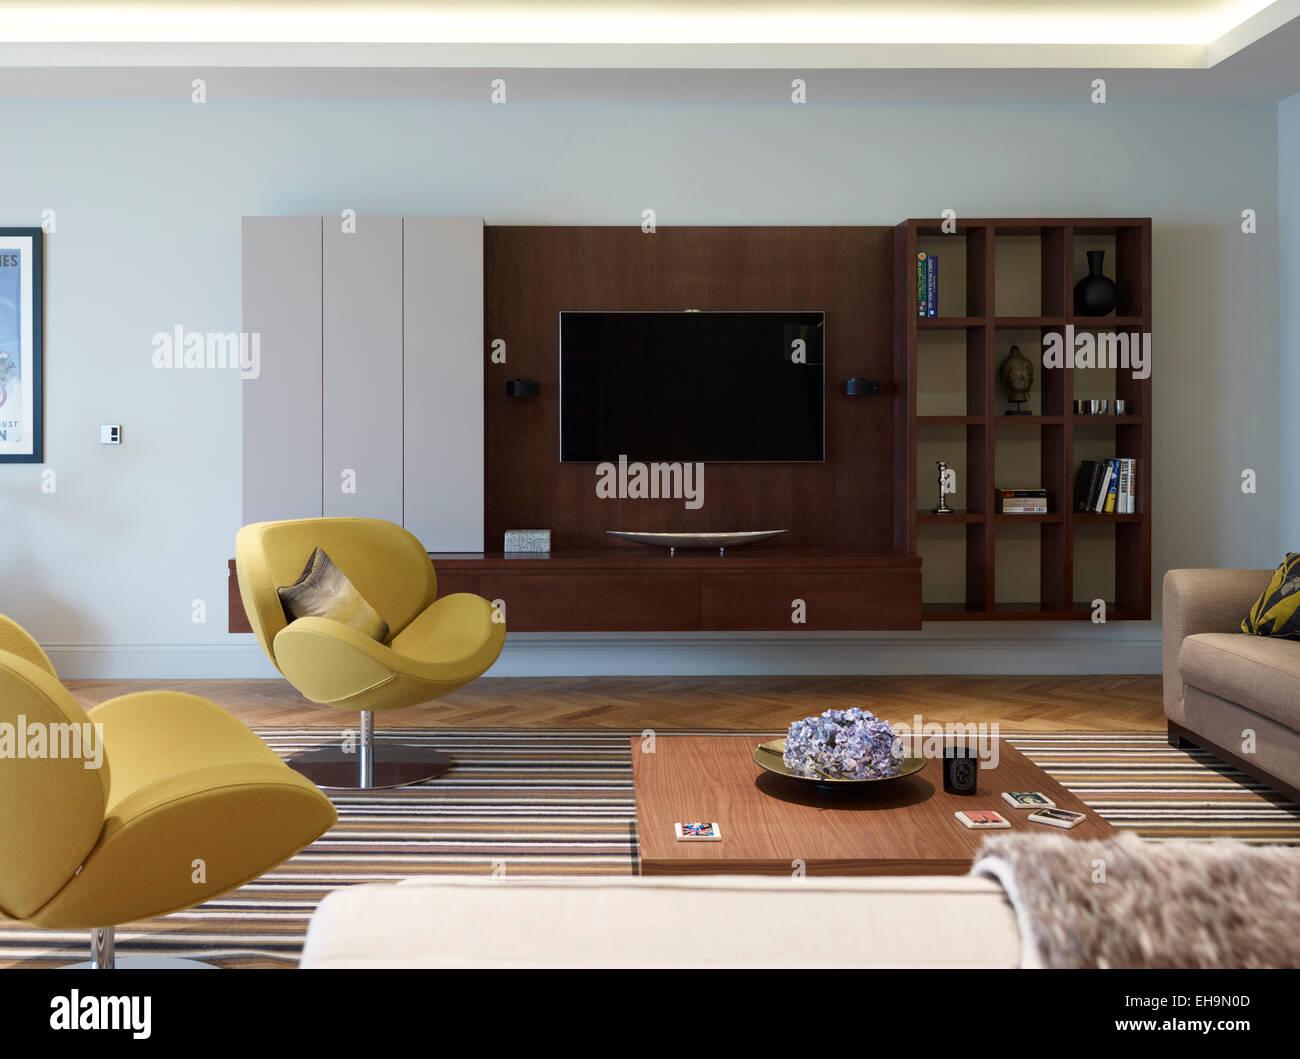 Sillones De Estilo Retro Y Tv Con Pantalla De Plasma En La Sala De  -> Sillones Para Sala De Tv